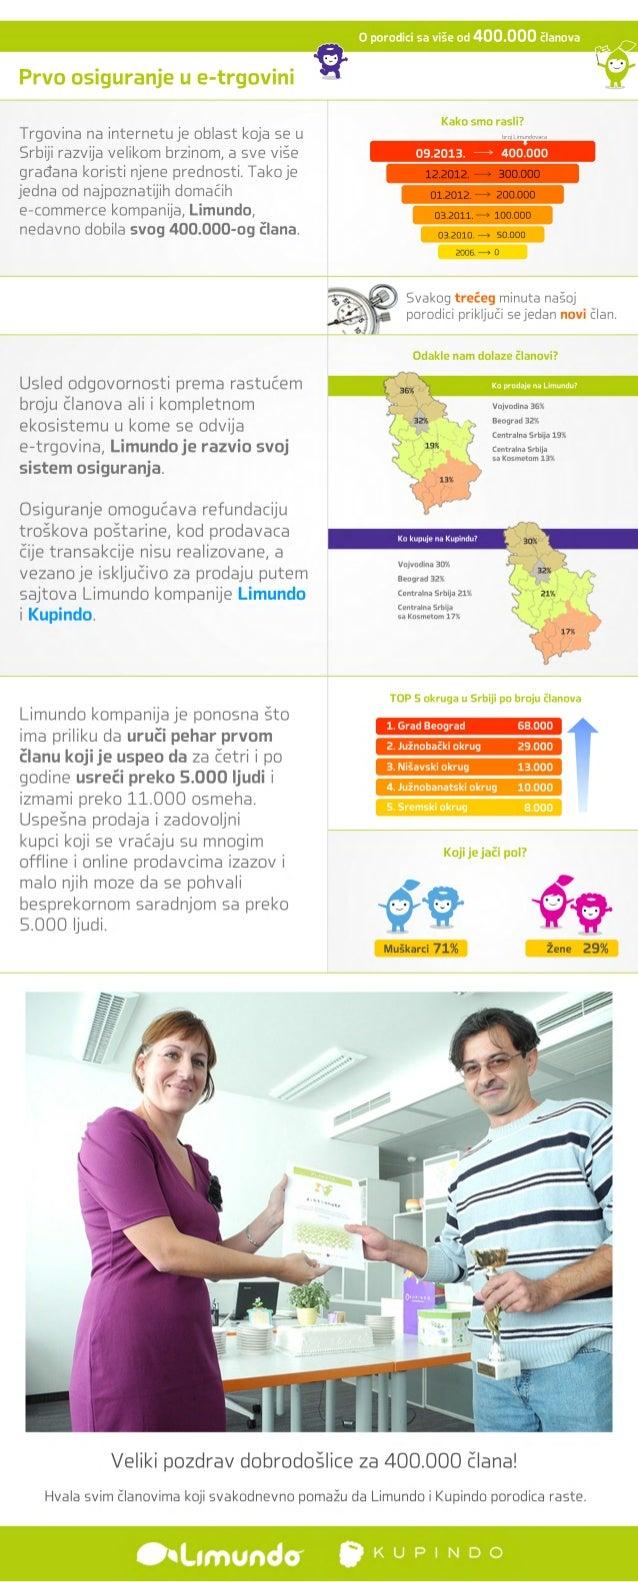 Prvo osiguranje u e-trgovini Odakle nam dolaze članovi? TOP 5 okruga u Srbiji po broju članova Koji je jači pol? Svakog tr...